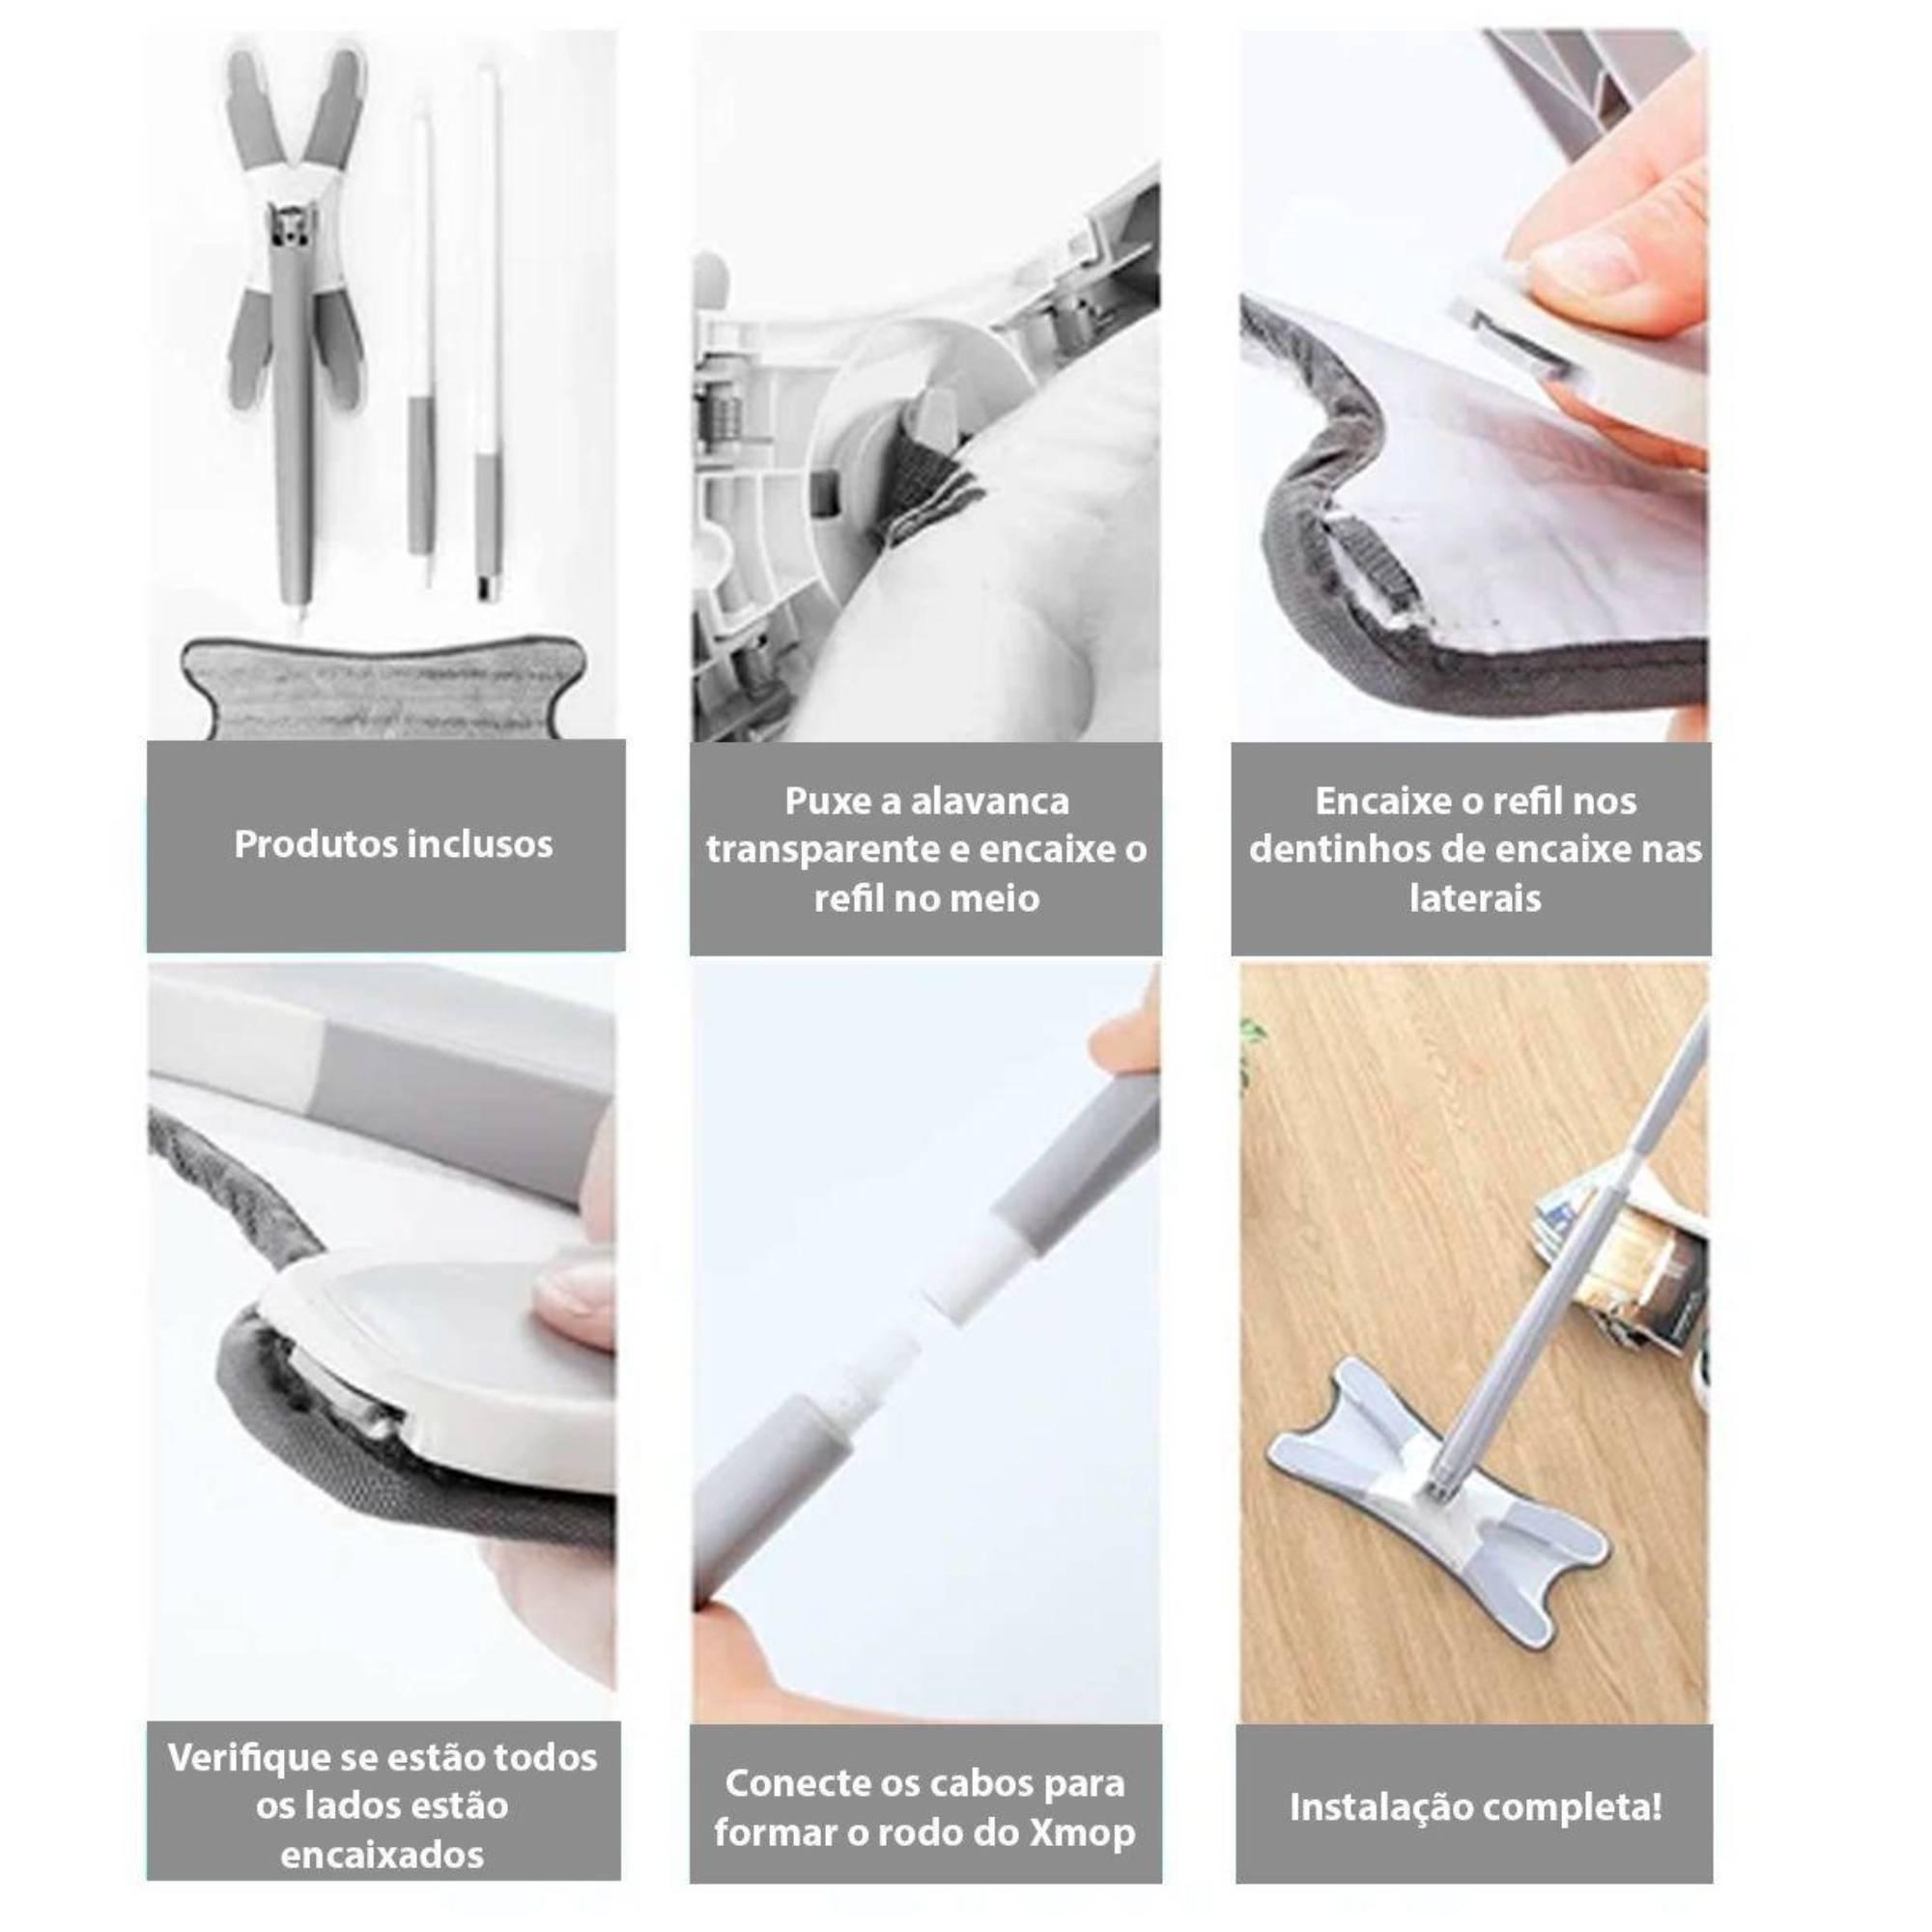 Kit Spray Mop com reservatório e Xmop com torção